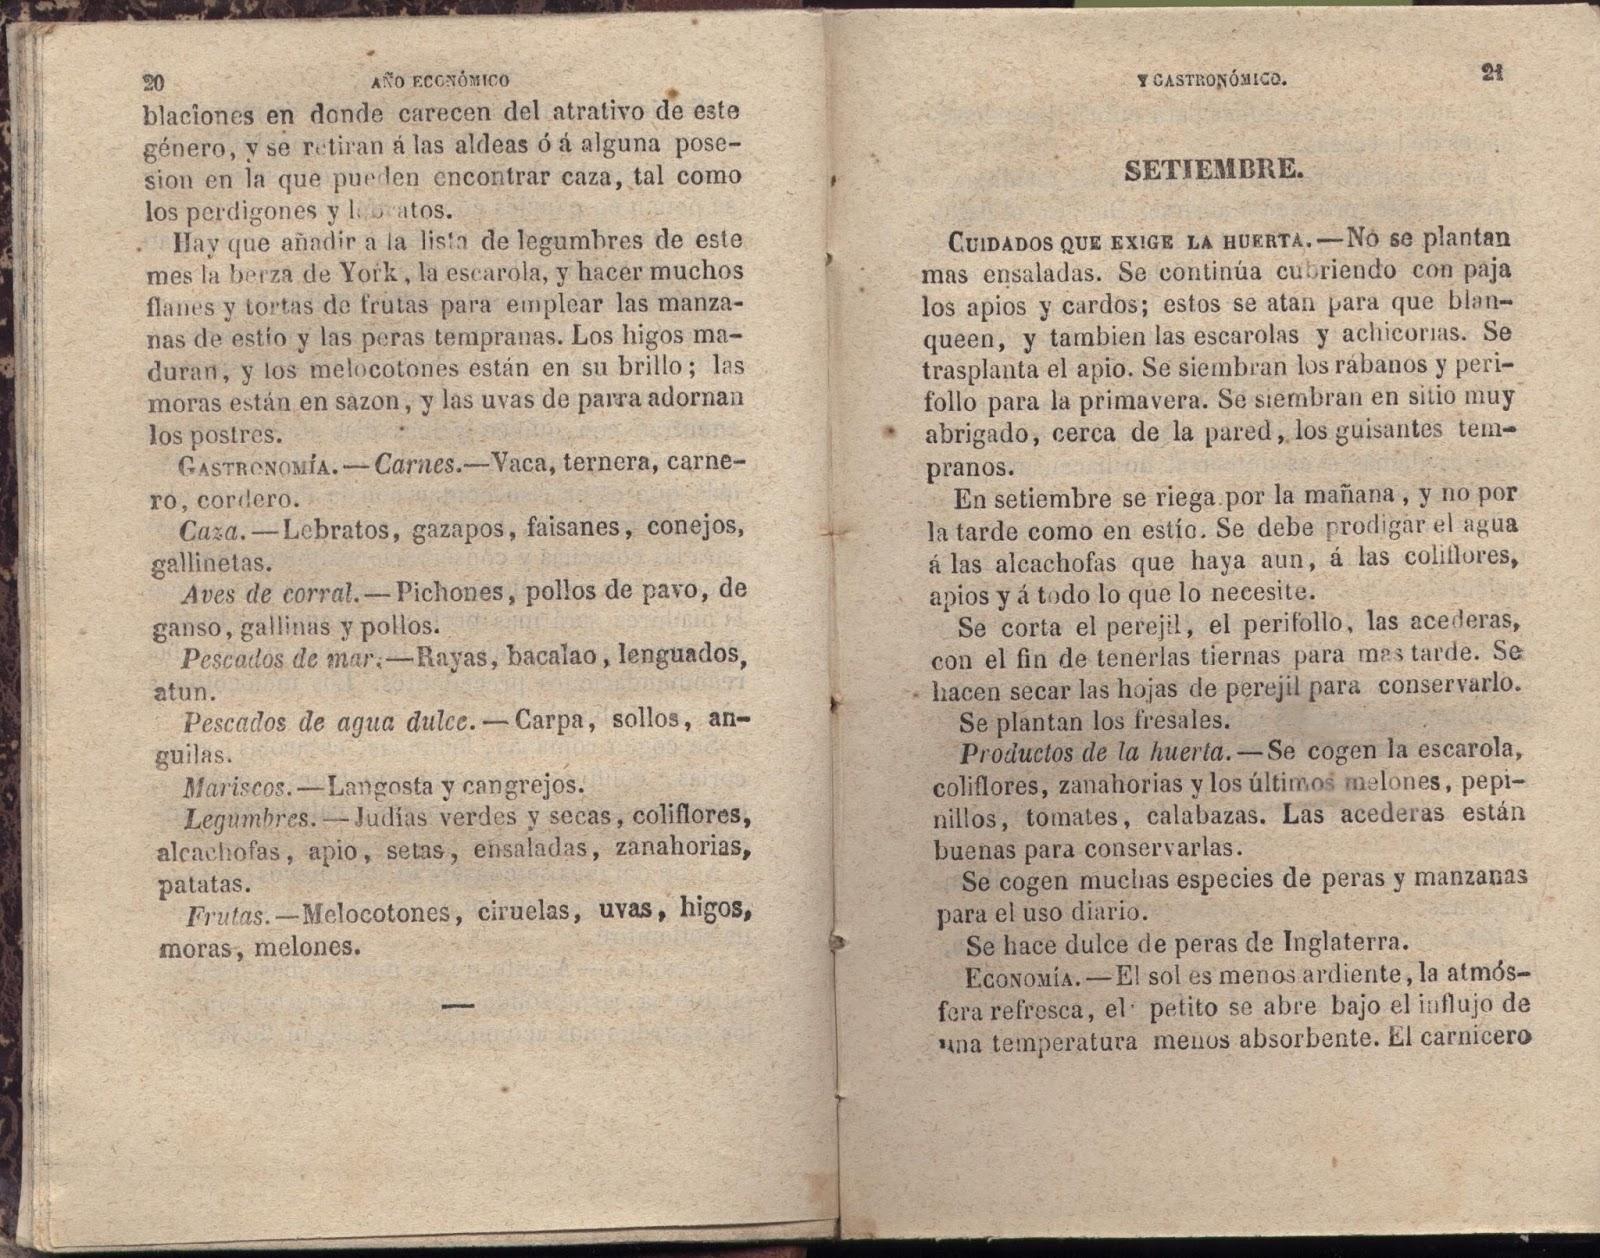 Agosto de 1866, mes gastronomico